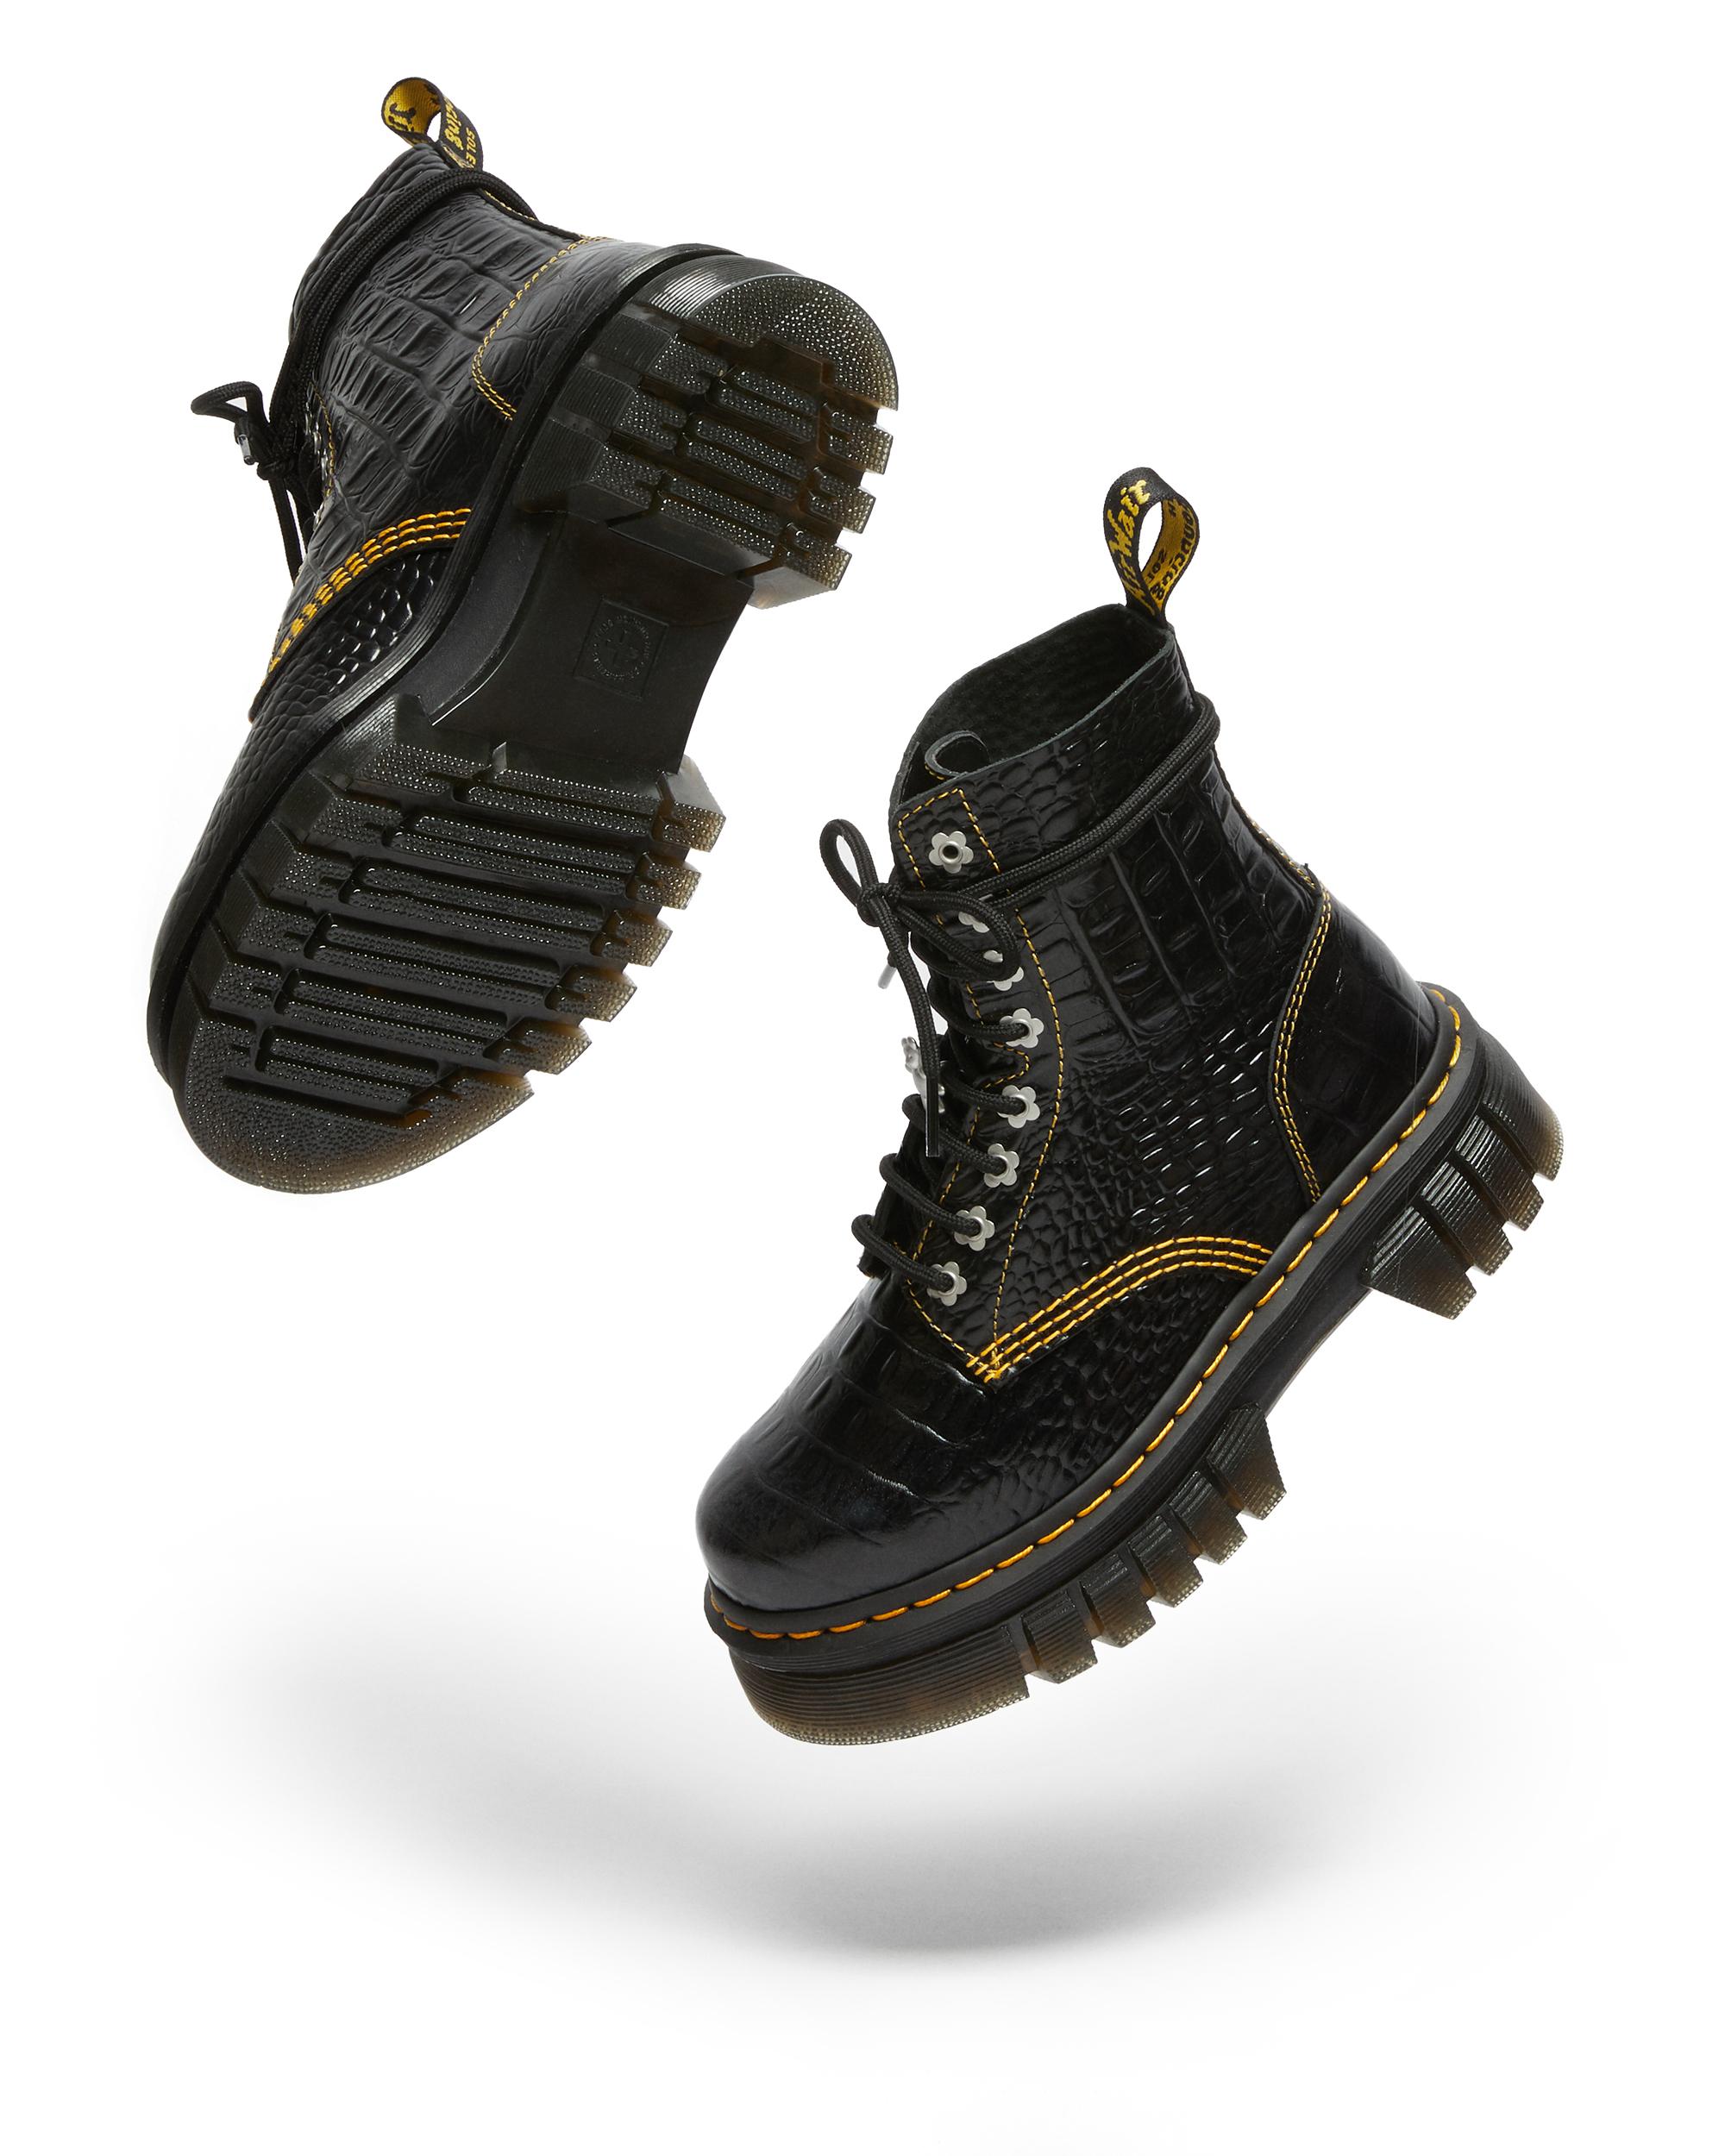 Dr. Martens x Heaven by Marc Jacobs' Audrick 8i HMJ Croc boot